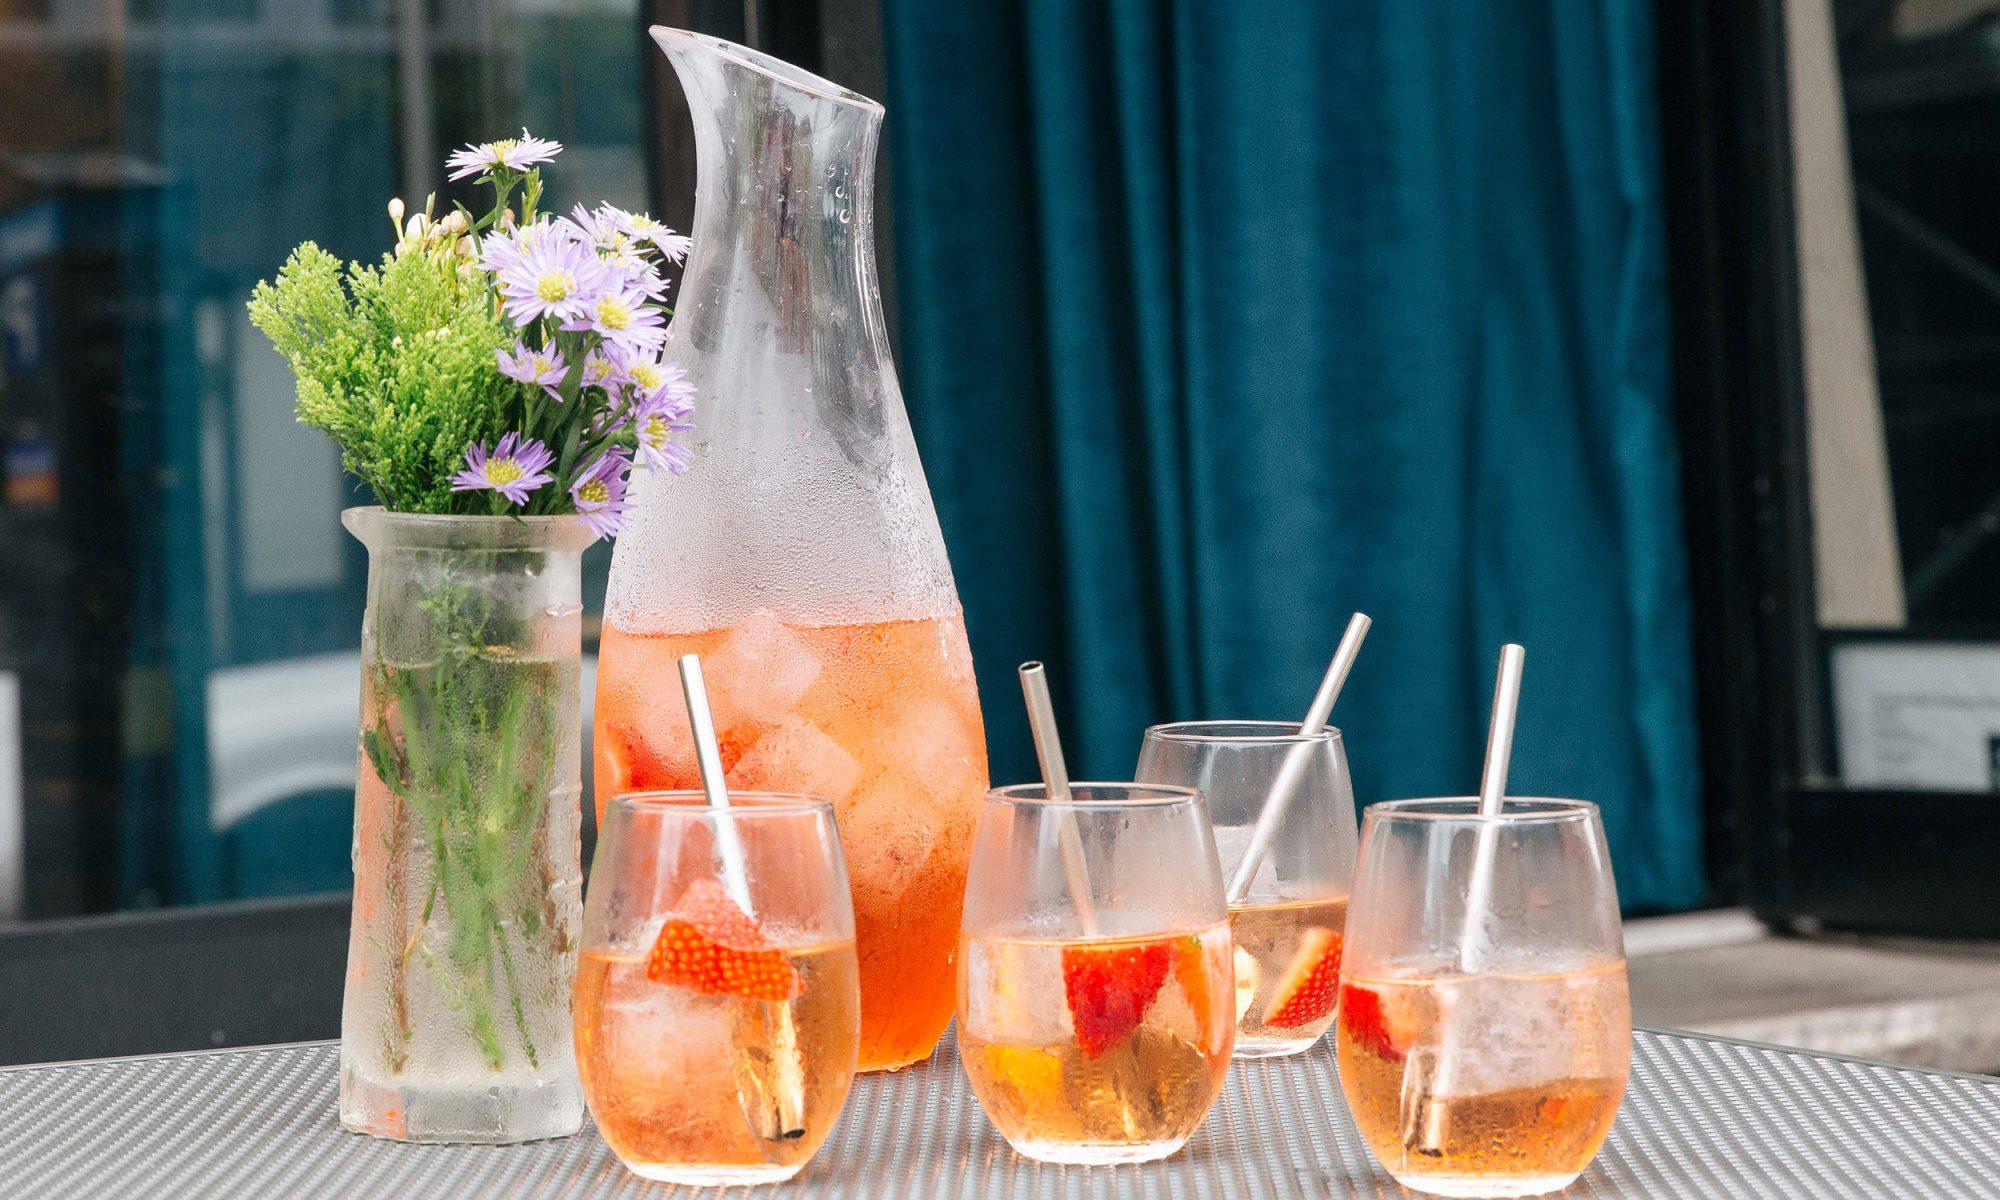 EC: A Bartender's Tips for Drinking at Brunch